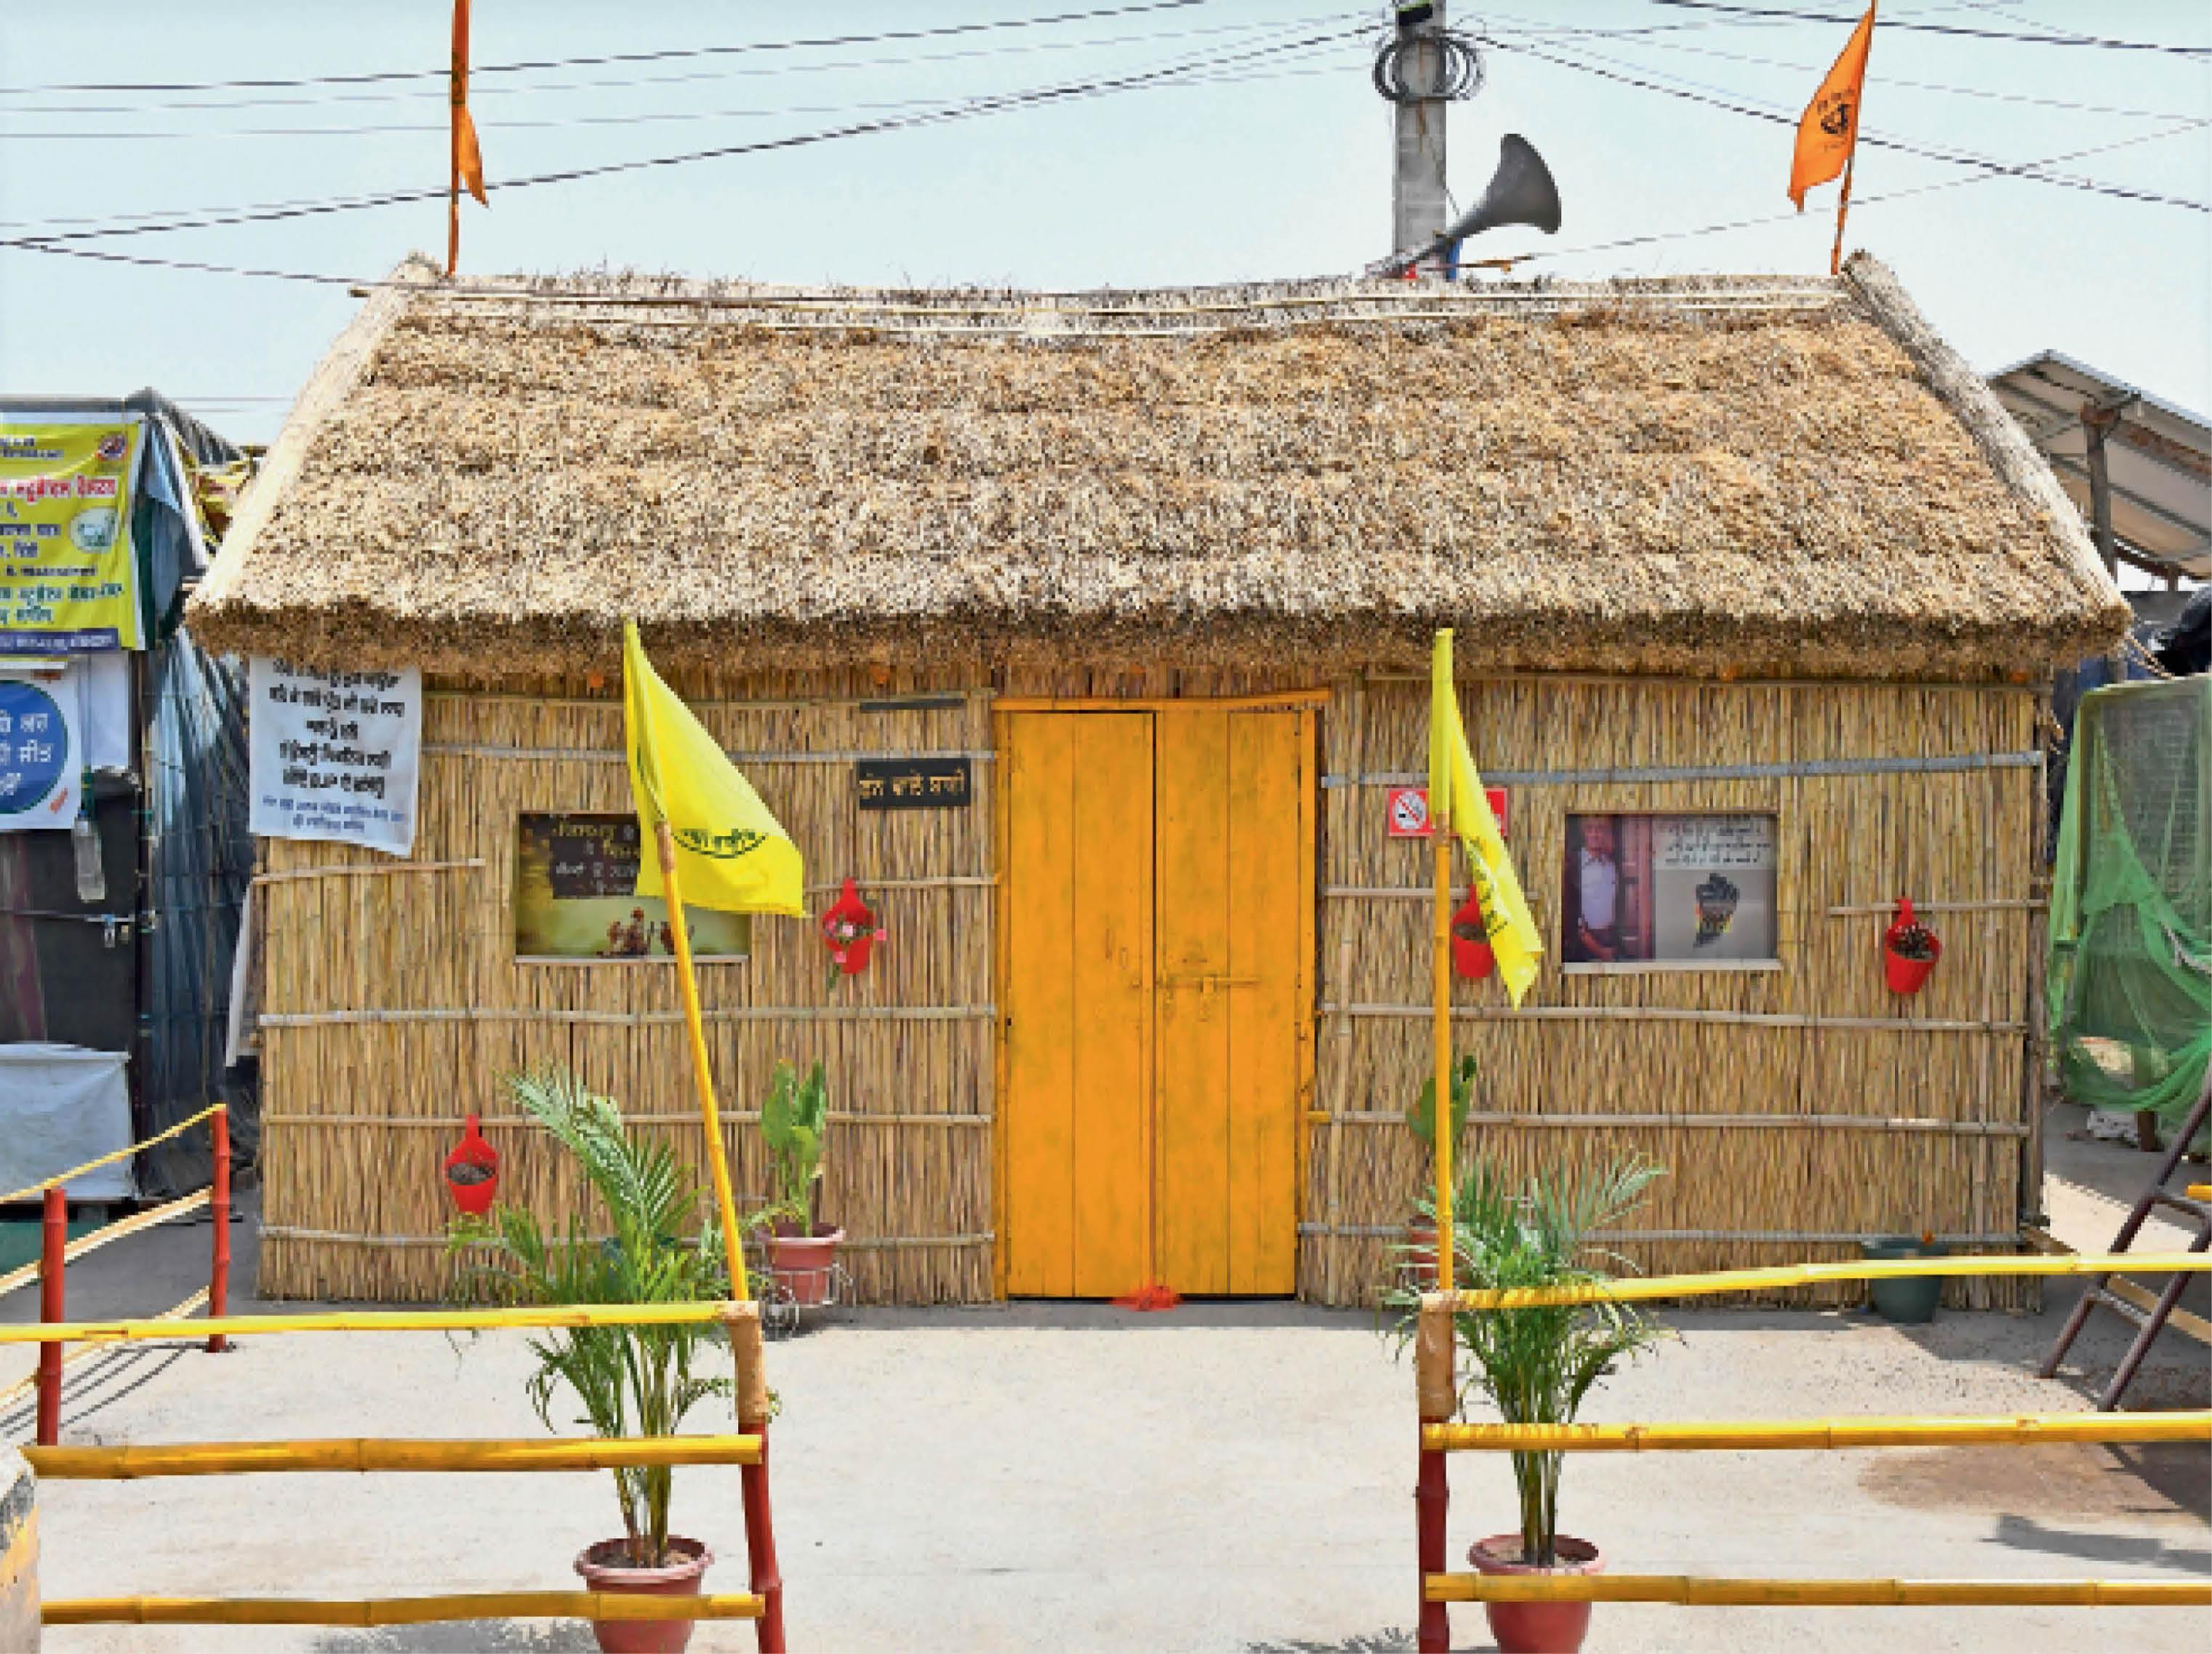 किसान 2.50 करोड़ रुपए का खर्च इन अलग-अलग प्रकार की झोपड़ियों पर कर चुके हैं। - Dainik Bhaskar